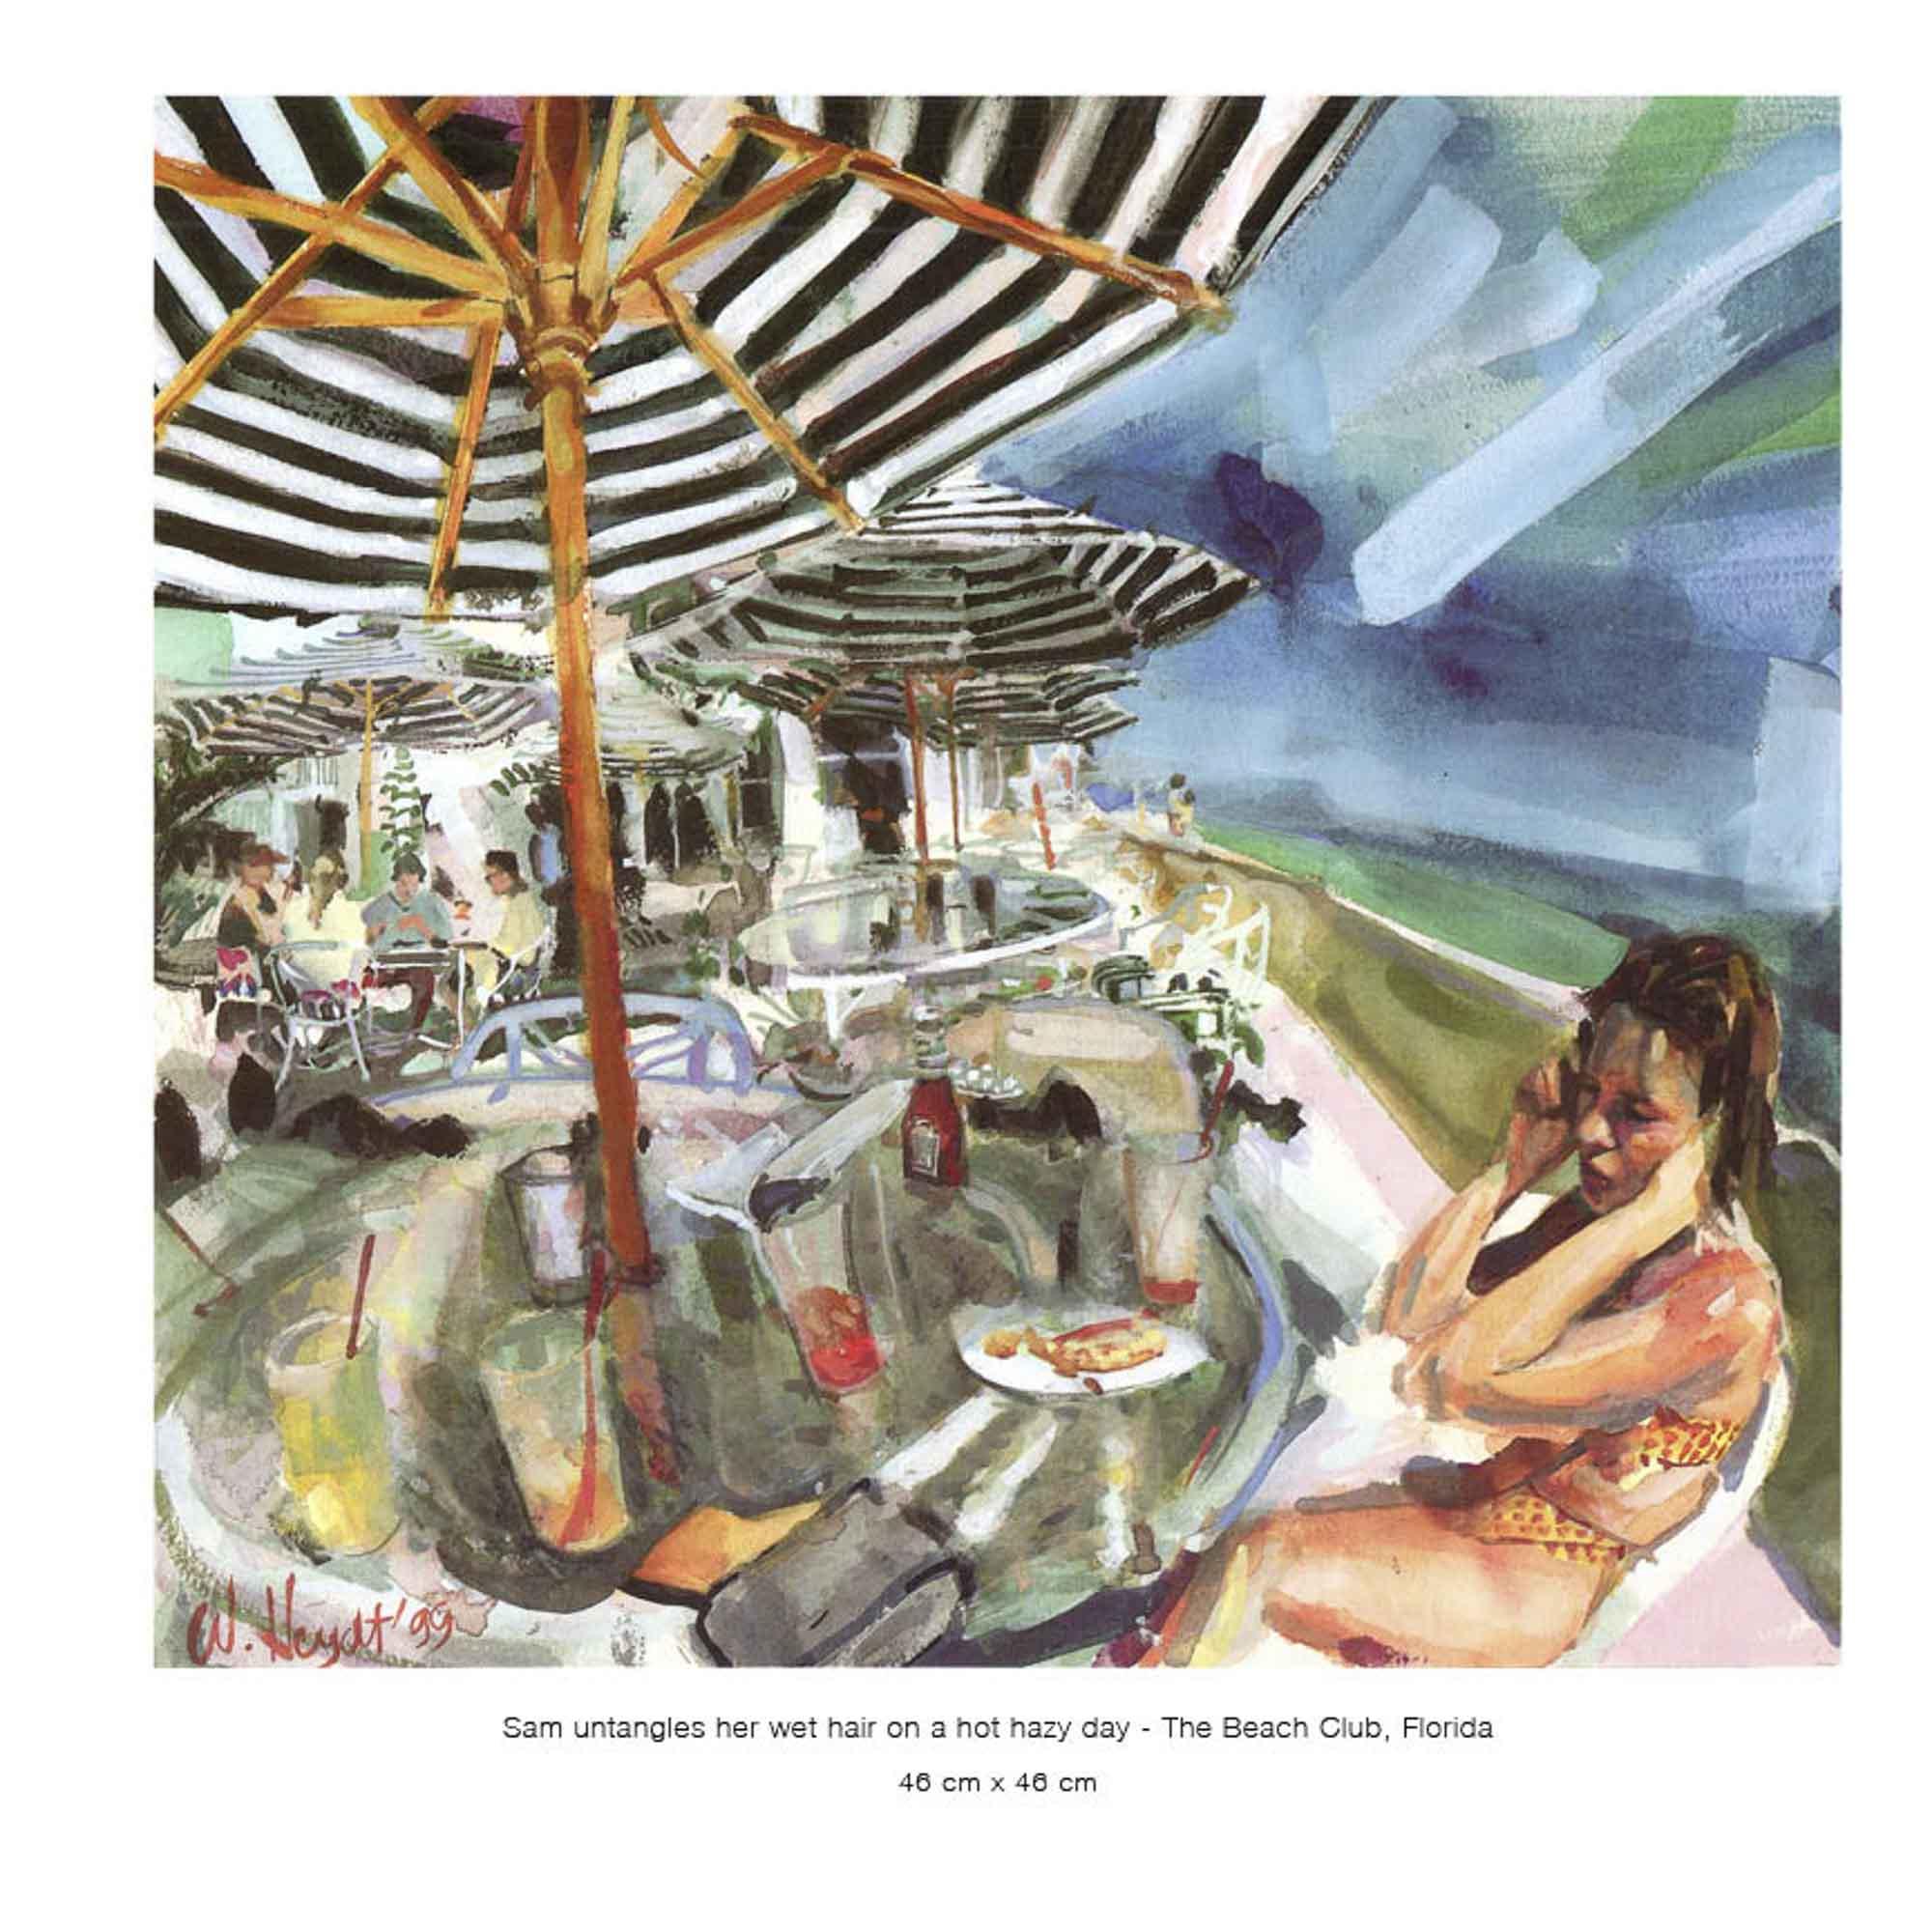 Book 2 - Comme un poisson dans l'eau19.jpg